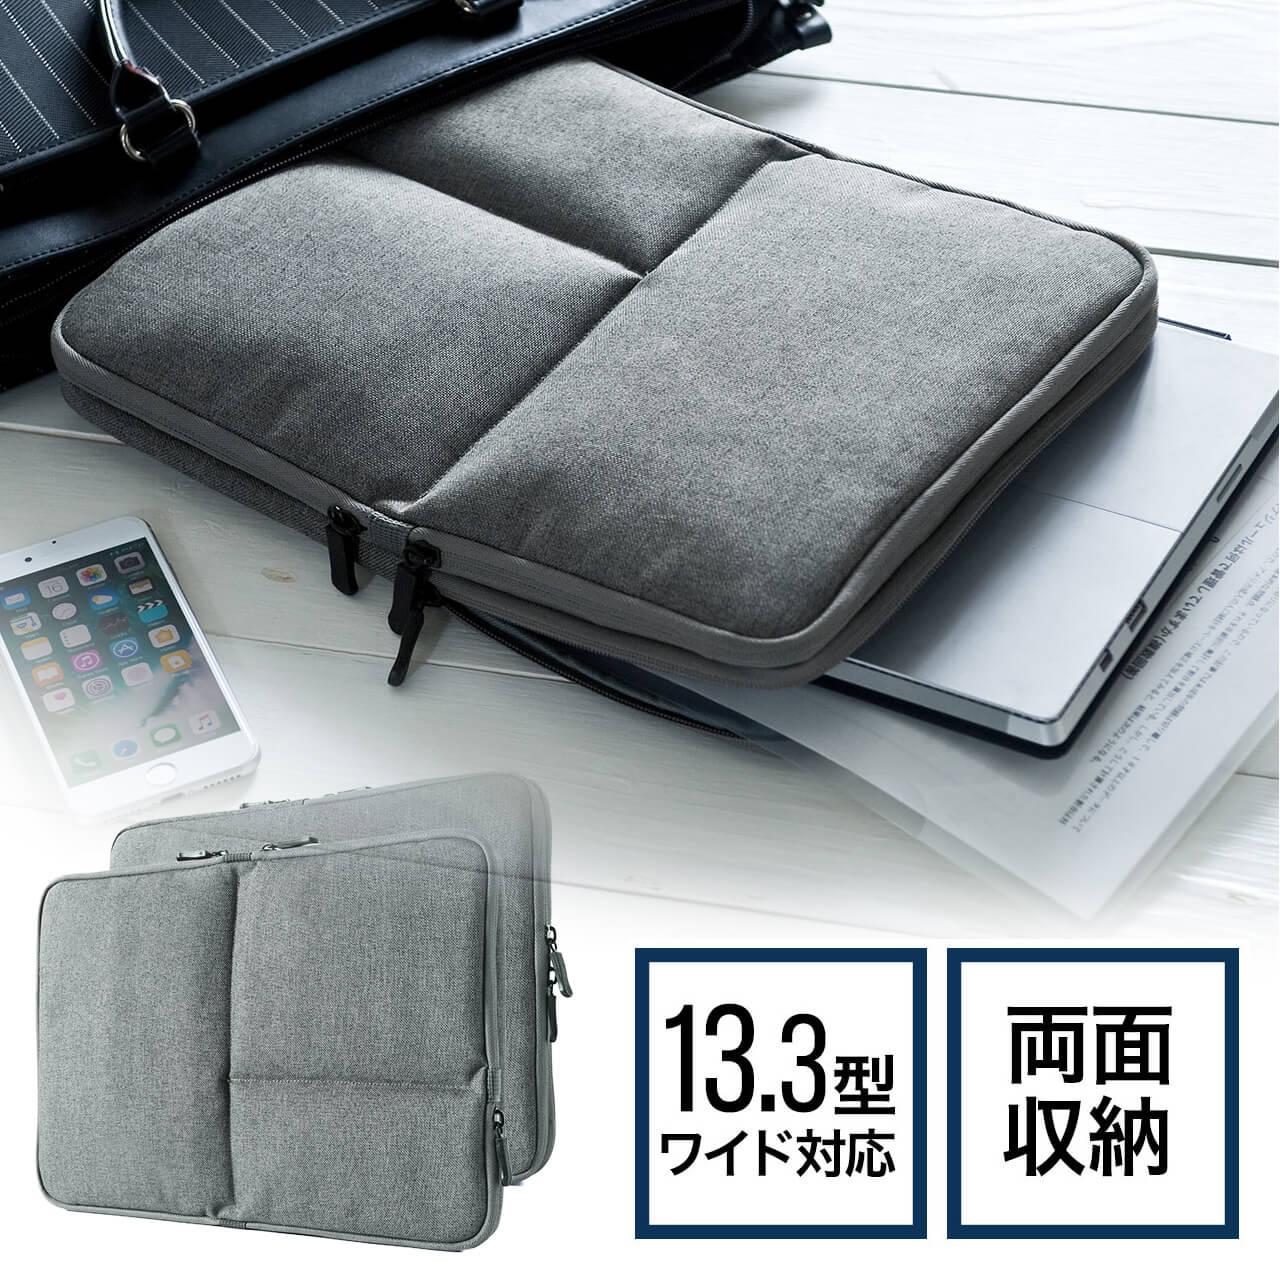 PCインナーケース(13.3インチ対応・両面収納・Surface Pro 4/iPad Pro 12.9対応・グレー) サンワダイレクト サンワサプライ 200-IN050GY